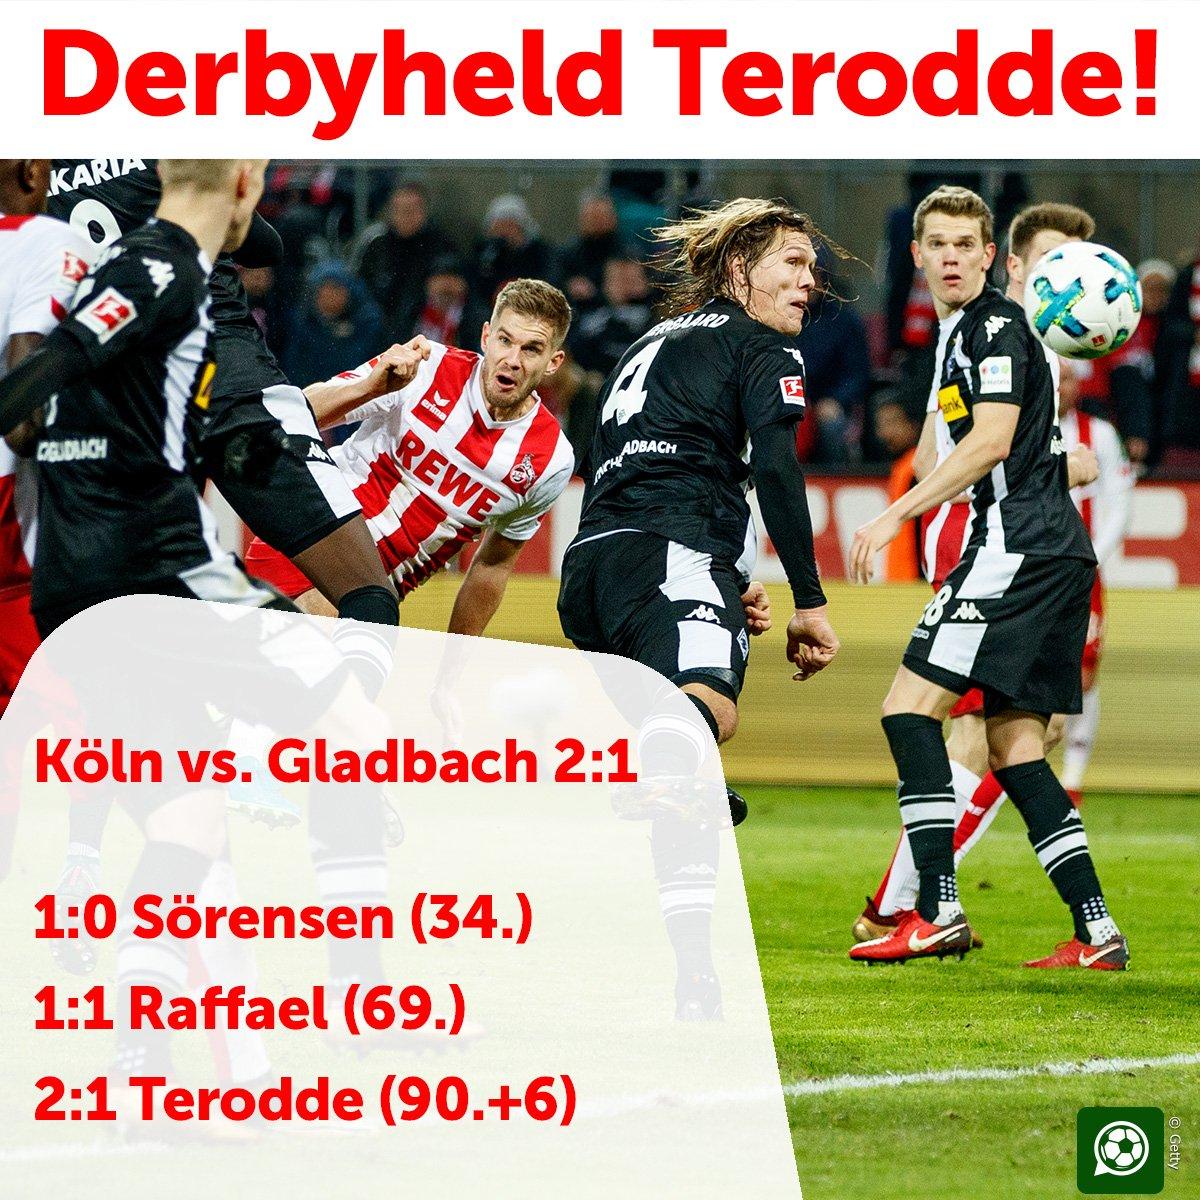 Die Kölner Aufholjagd hat begonnen! 😉 ht...